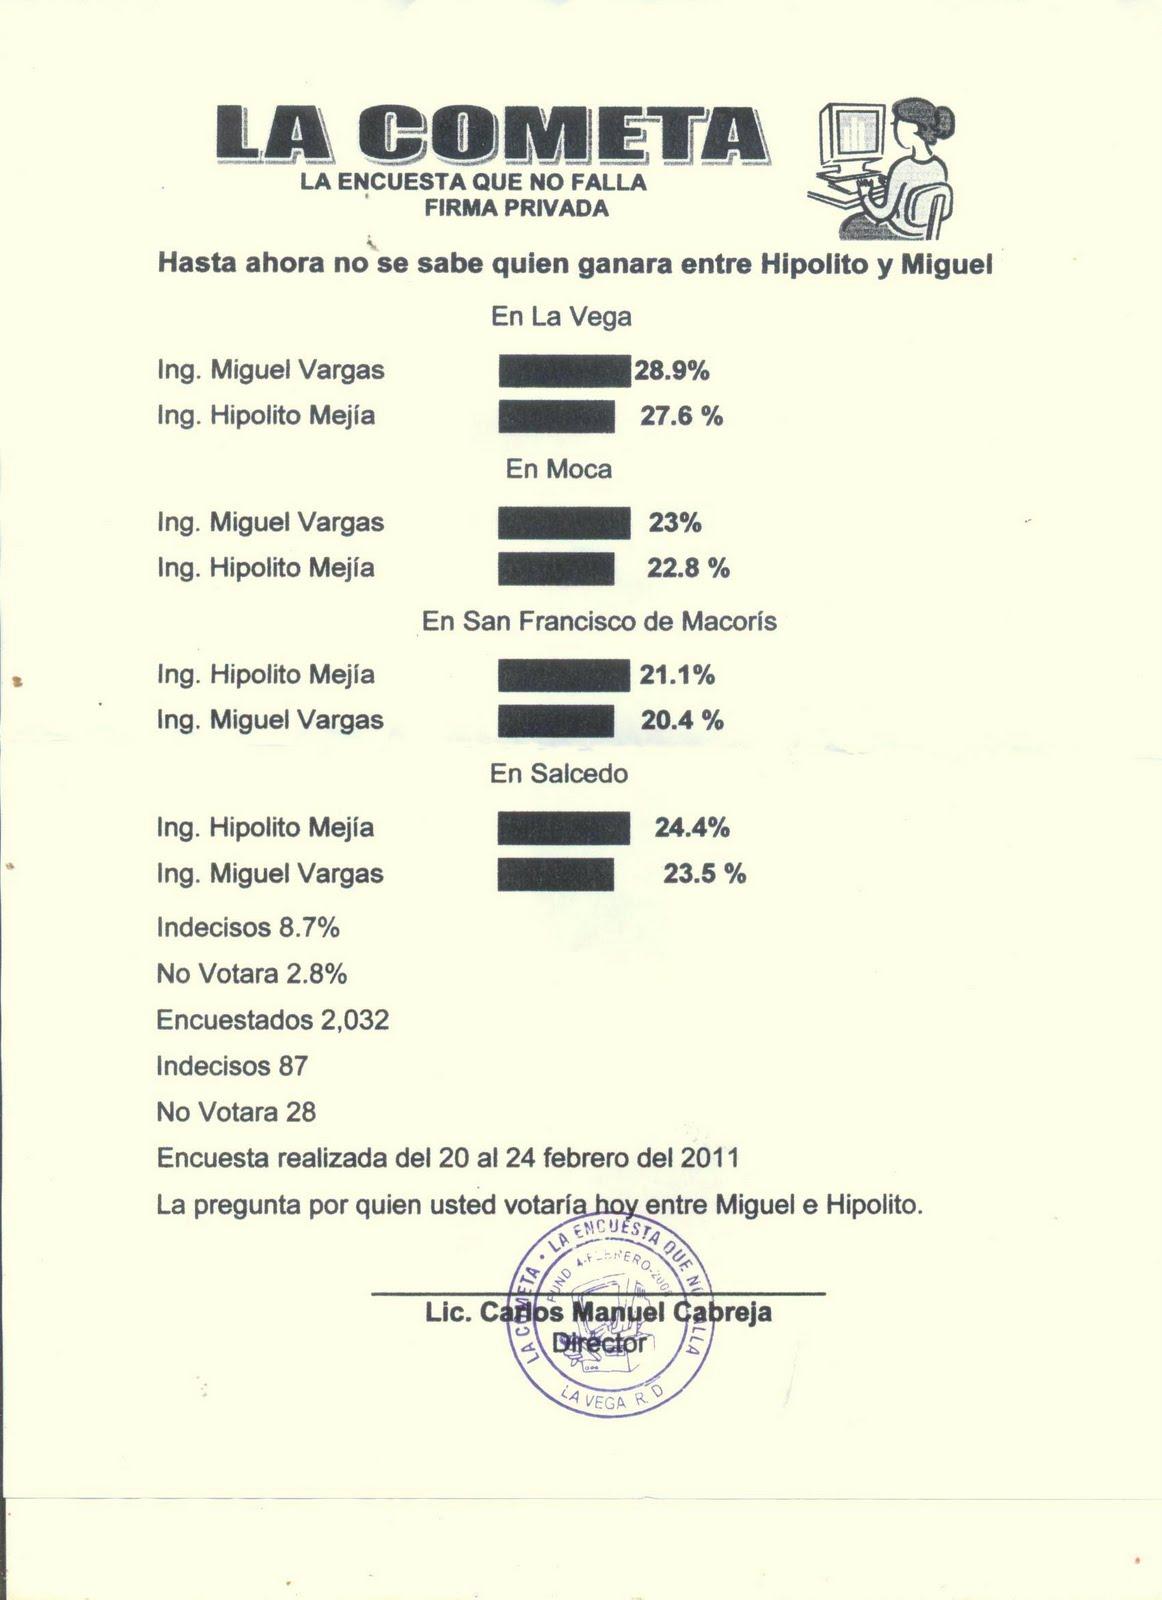 Desdelavegard: marzo 2011